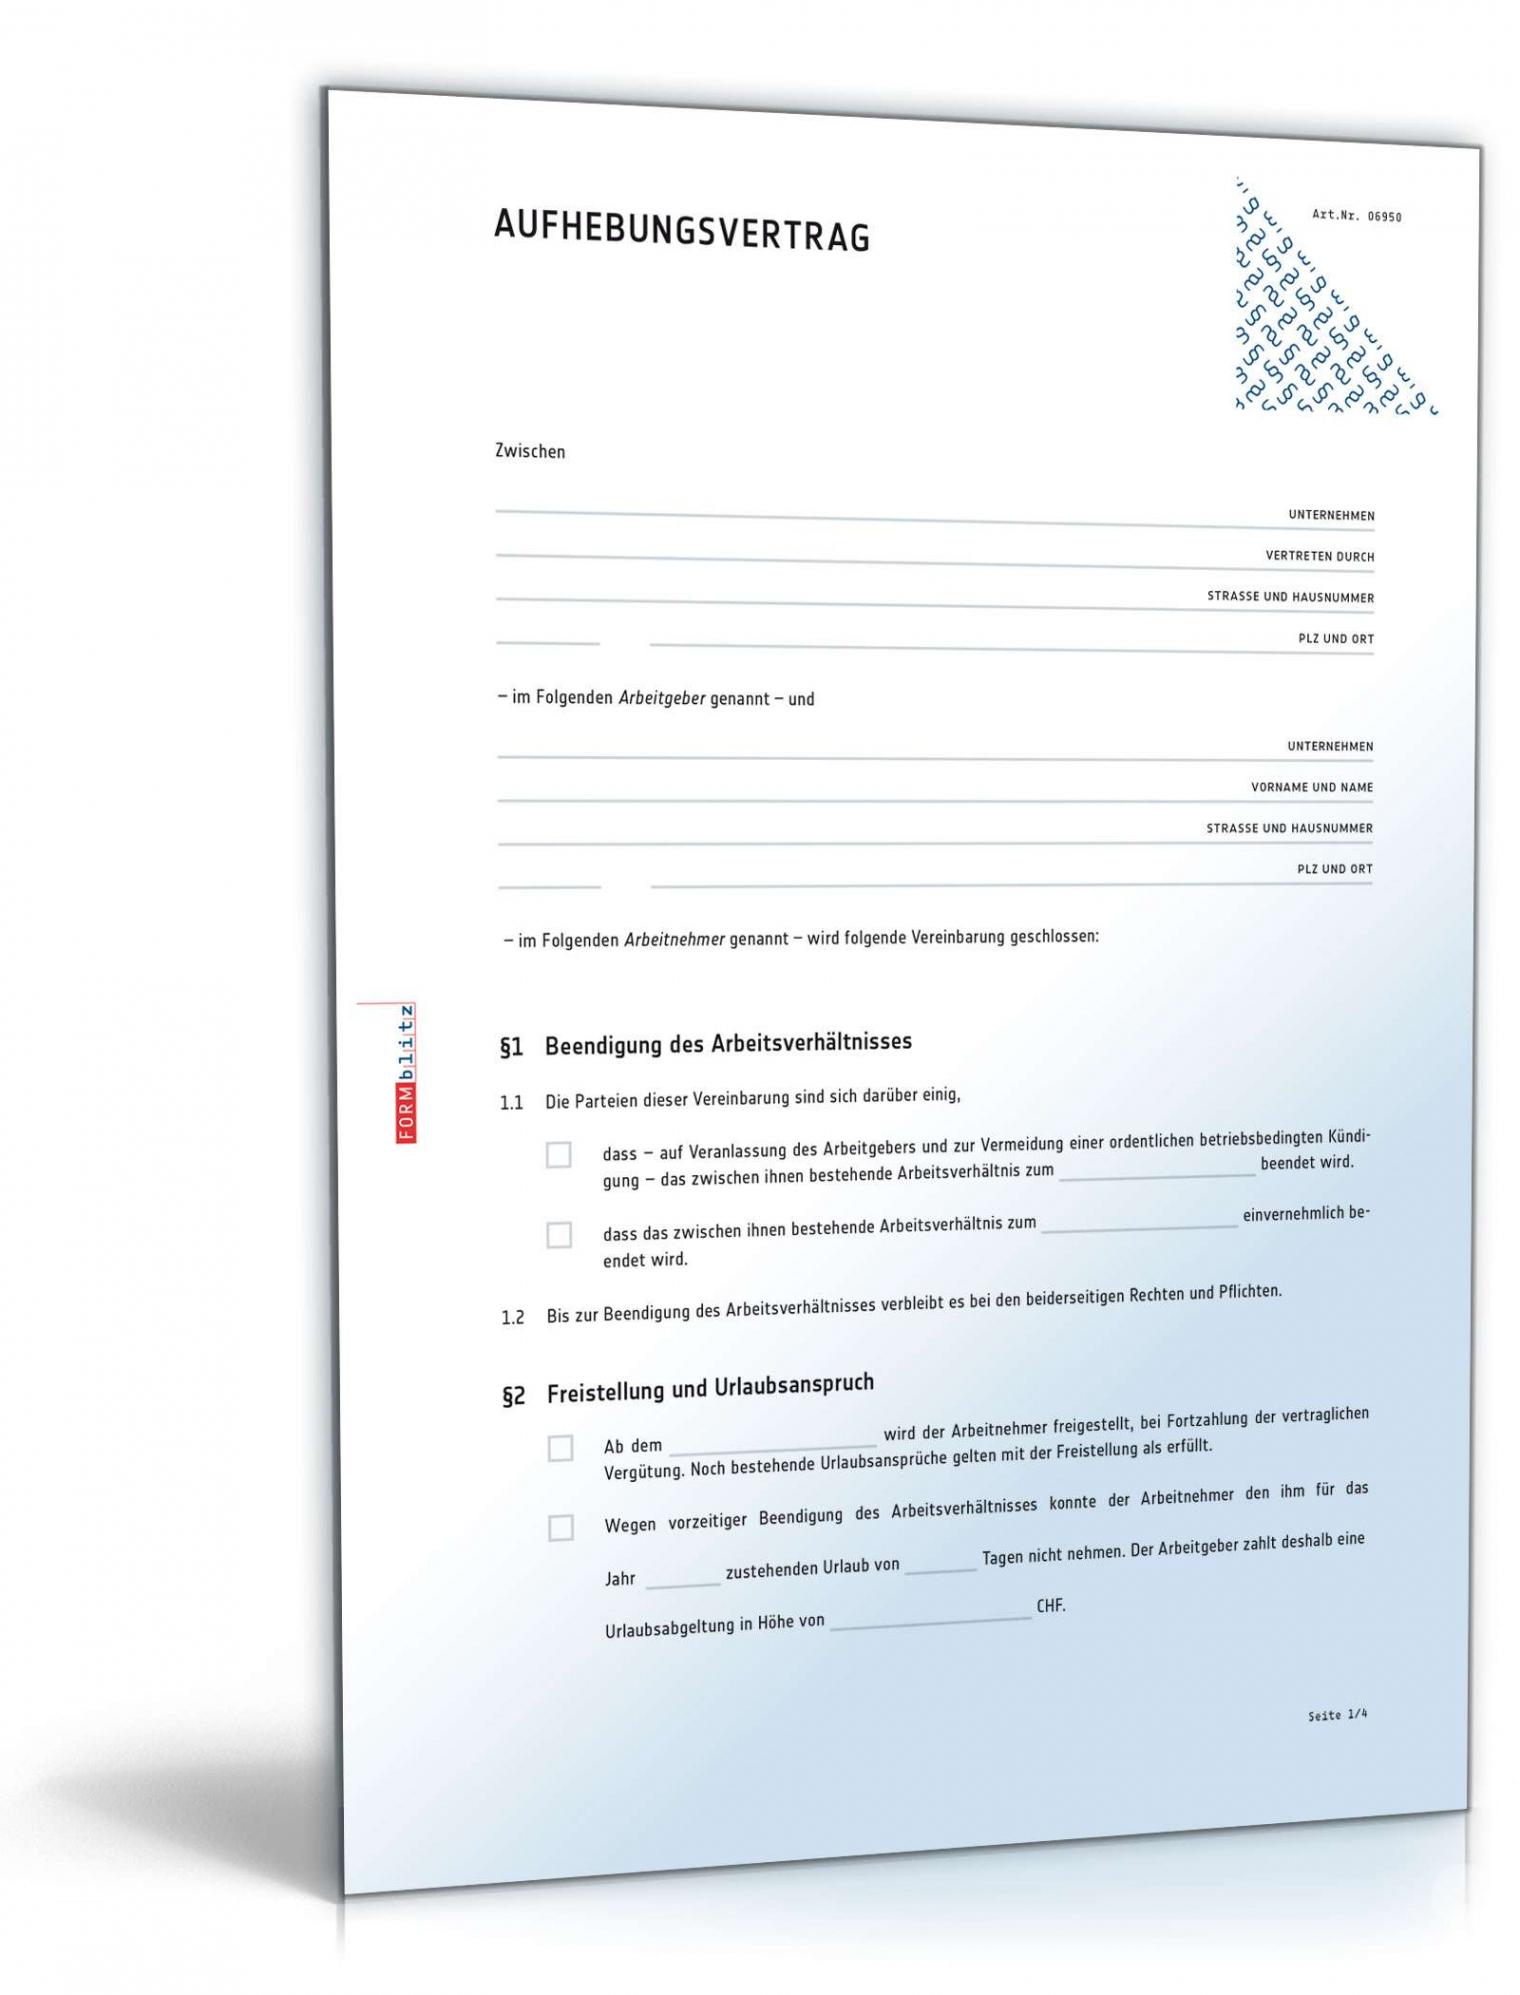 [%Eine Probe%|Porbe|] vonAufhebungsvertrag Für Ein Arbeitsverhältnis  Muster Zum Vereinbarung Abfindung Bei Kündigung Vorlage